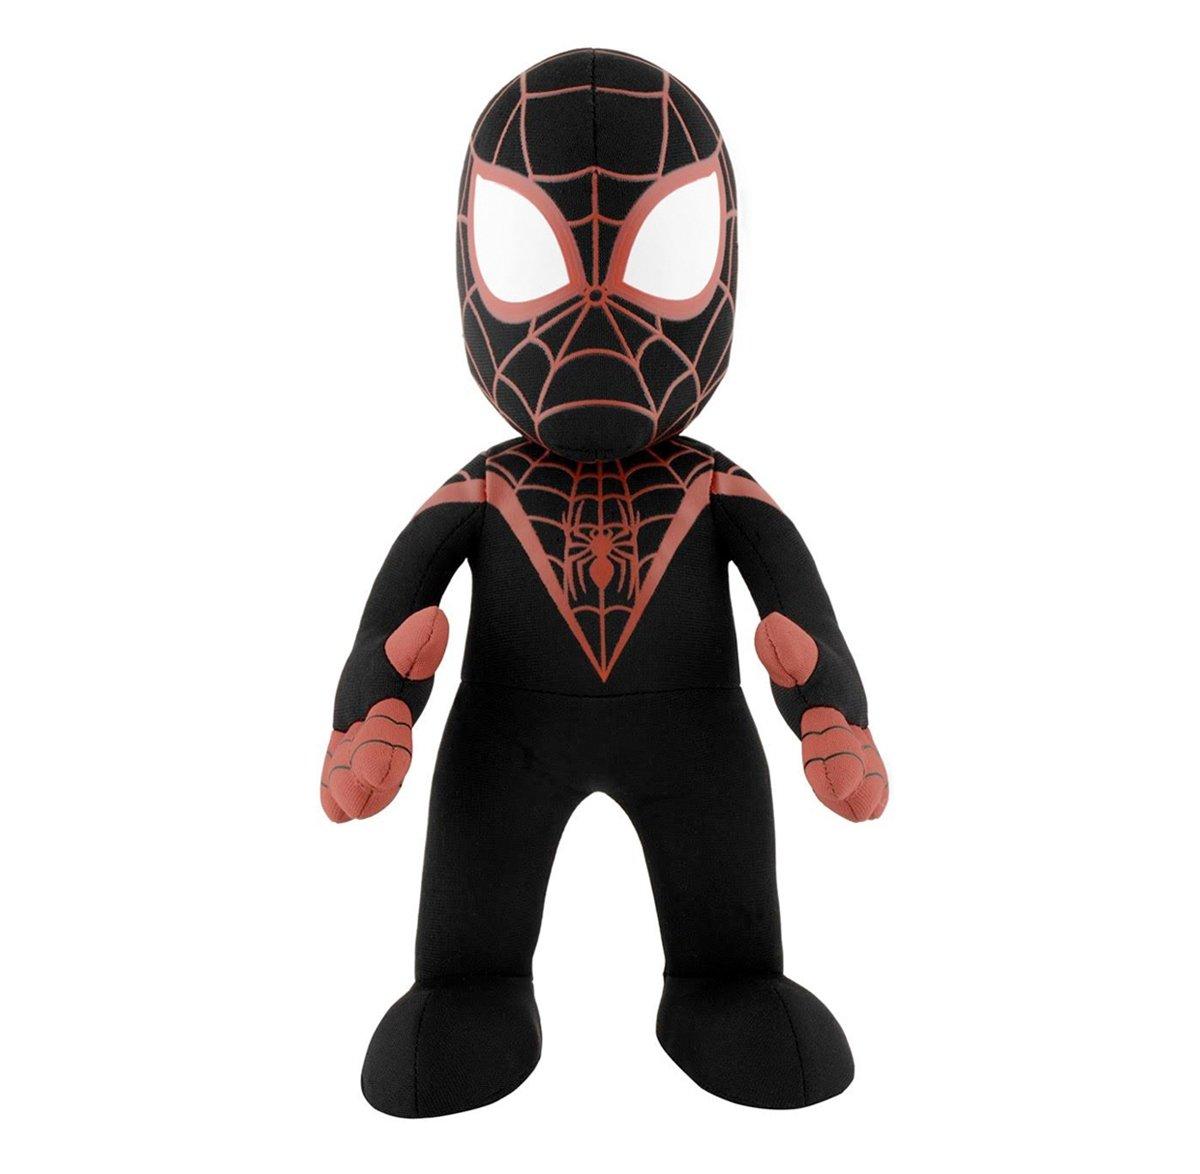 Bleacher Creatures Marvel Universe Spider-Man Miles M. Comics 10'' Plush Figure by Bleacher Creatures